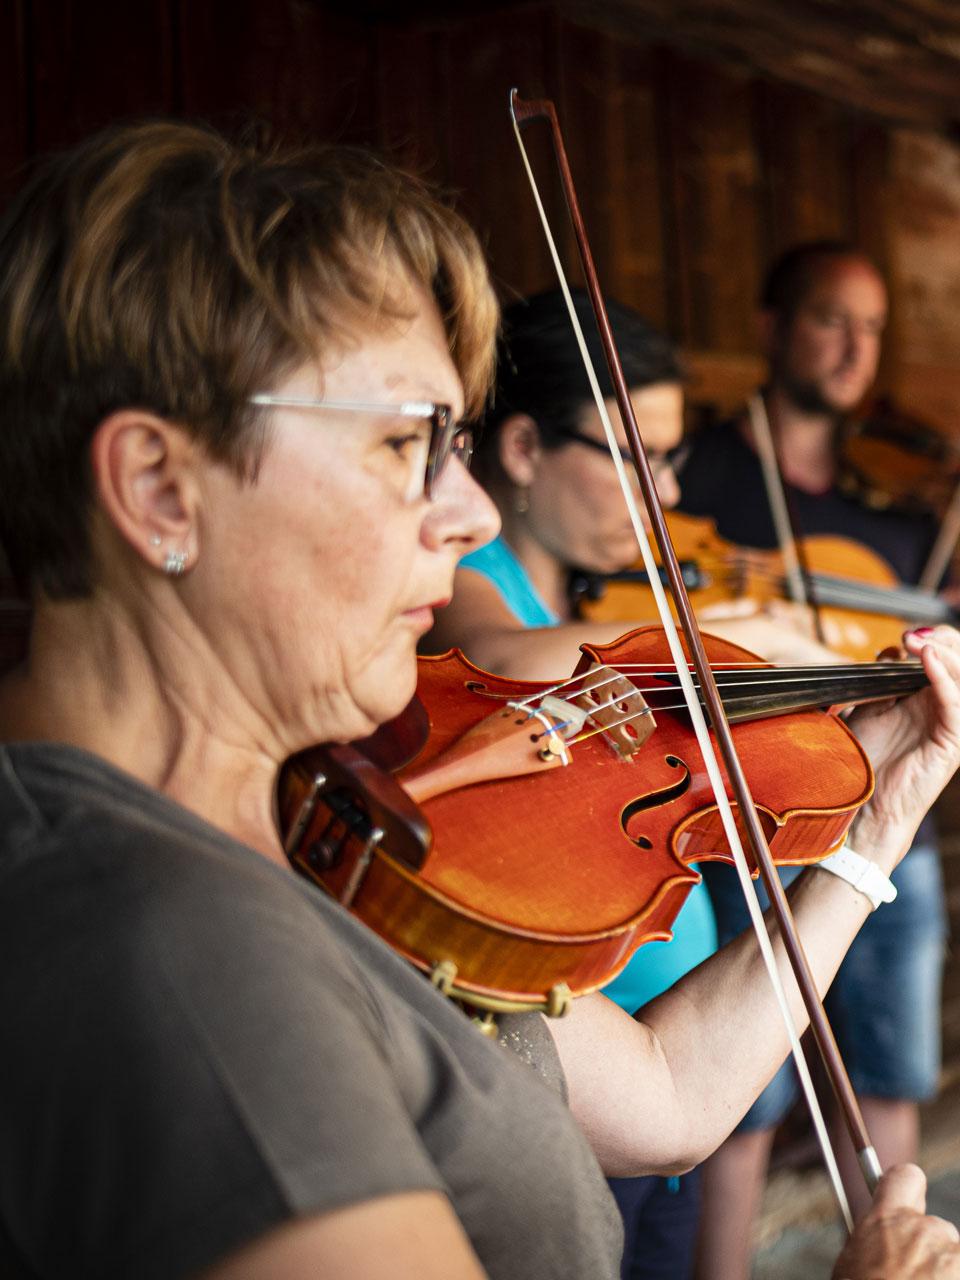 musique-a-beauregard-alpcat-medias-le-grand-bornand-tourisme-224151